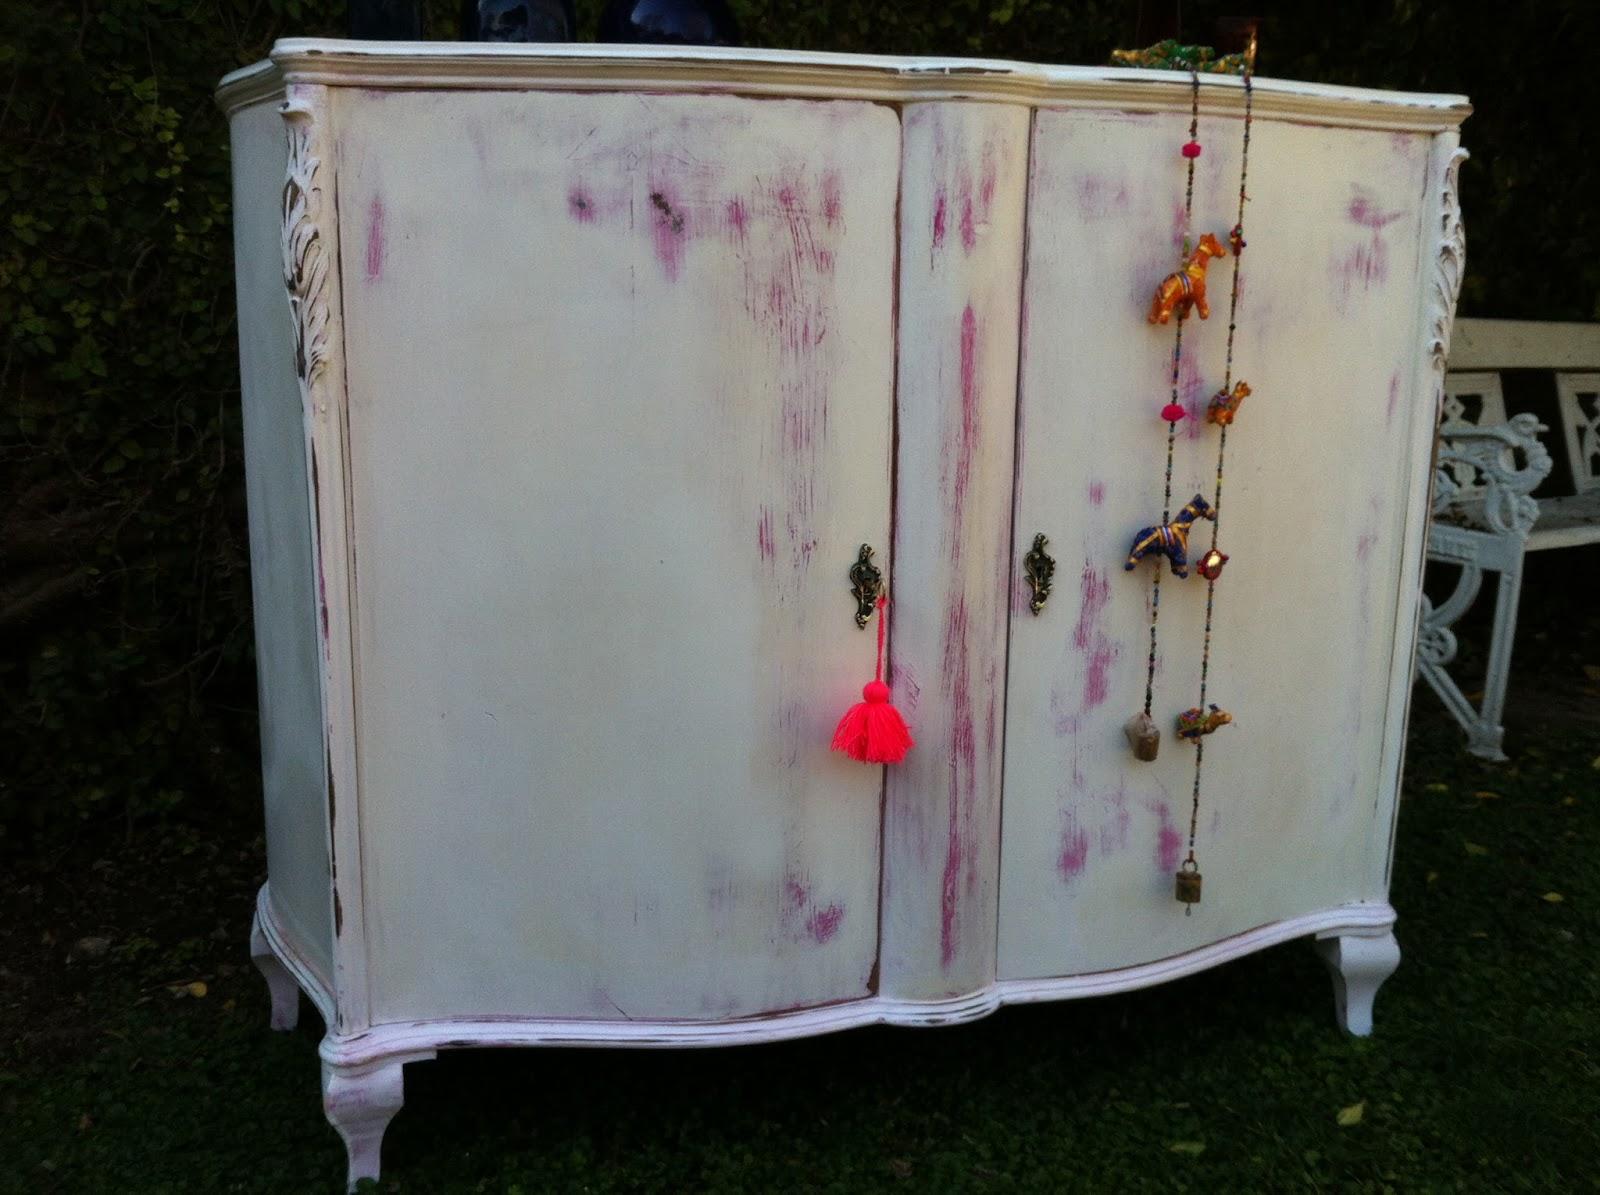 Vintouch muebles reciclados pintados a mano - Mueble provenzal blanco ...